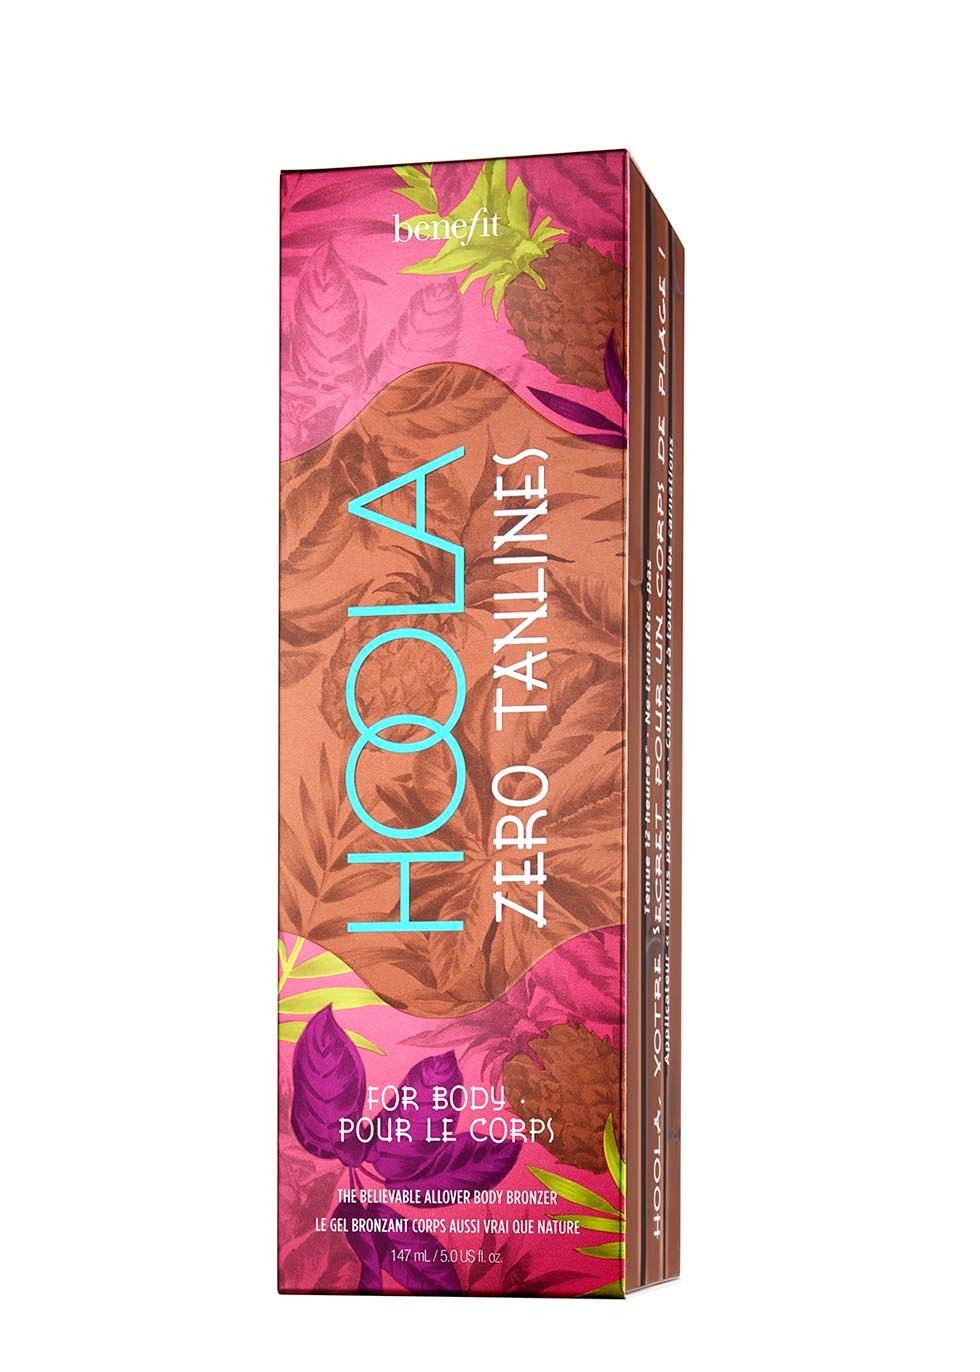 Hoola Zero Tan Lines 150ml - Benefit